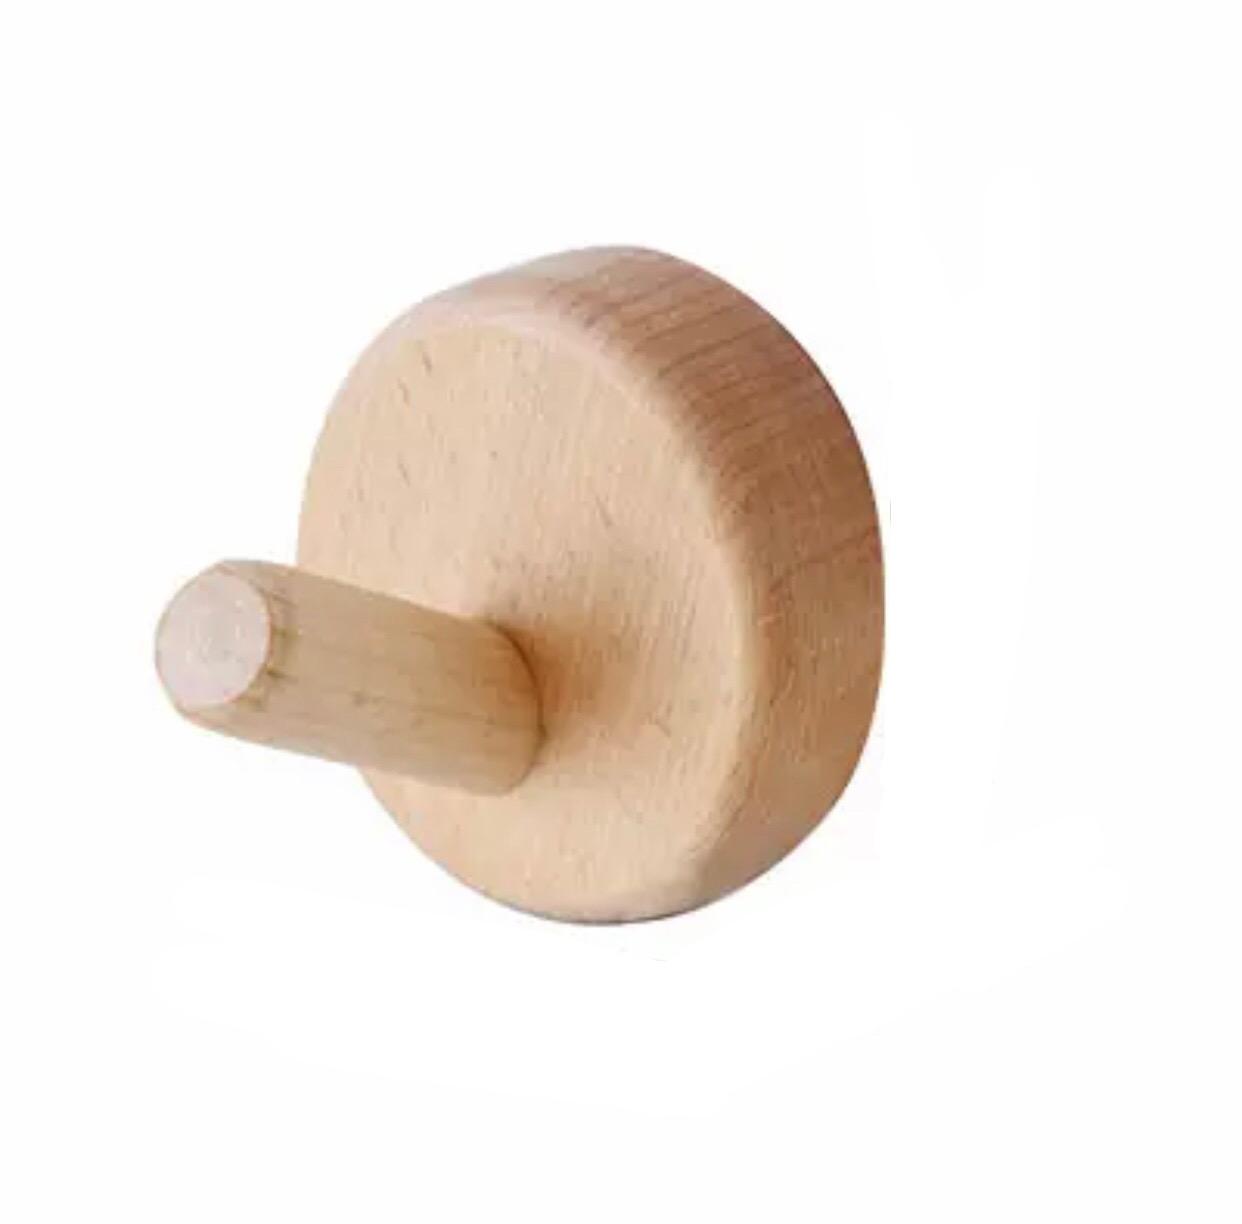 Wandhaak hout rond kopen